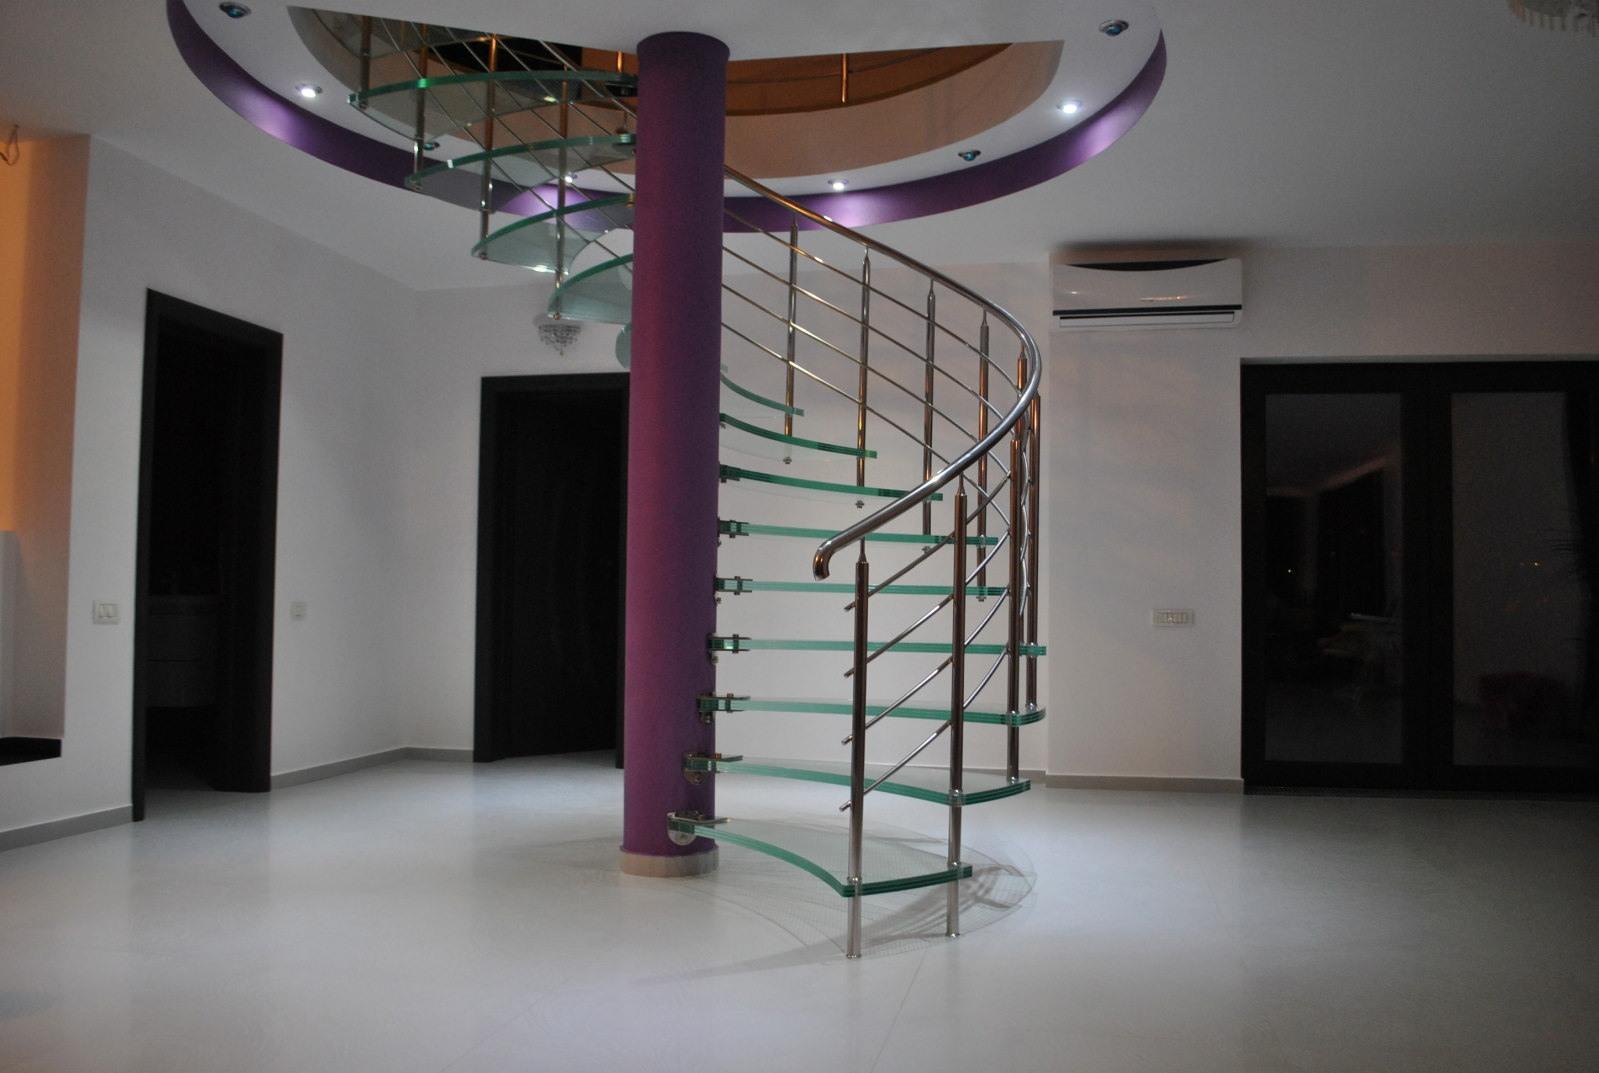 Scara circulară cu trepte de sticlă